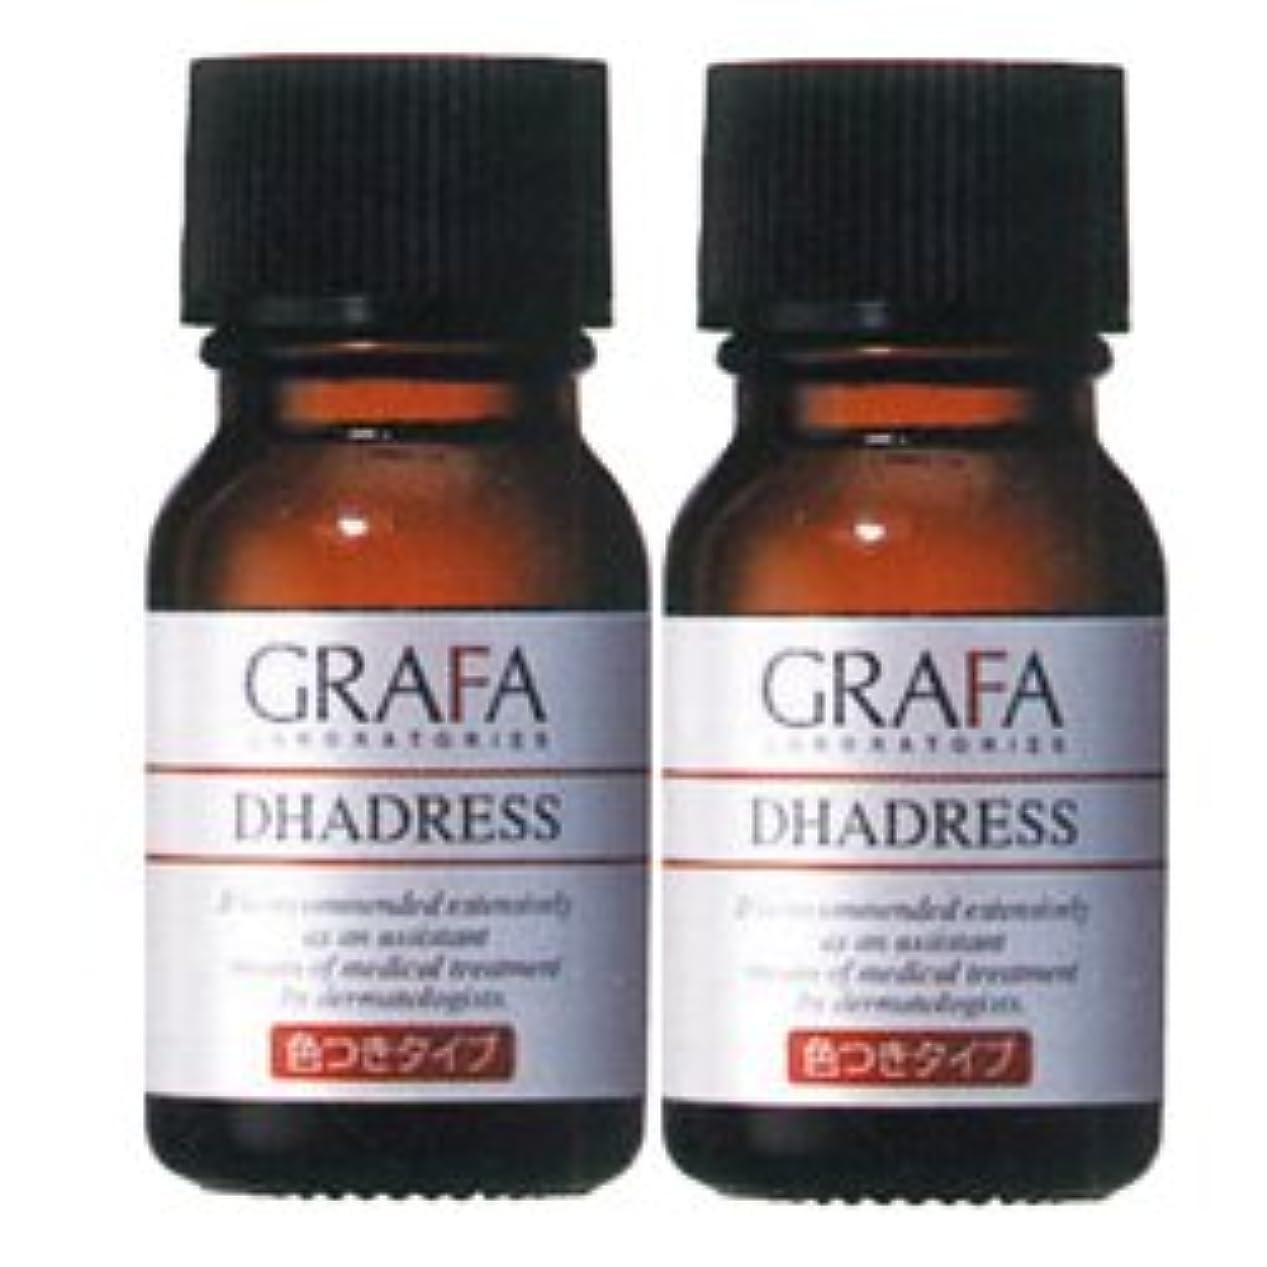 テクトニック思春期のラジカルグラファ ダドレスC (色つきタイプ) 11mL×2本 着色用化粧水 GRAFA DHADRESS